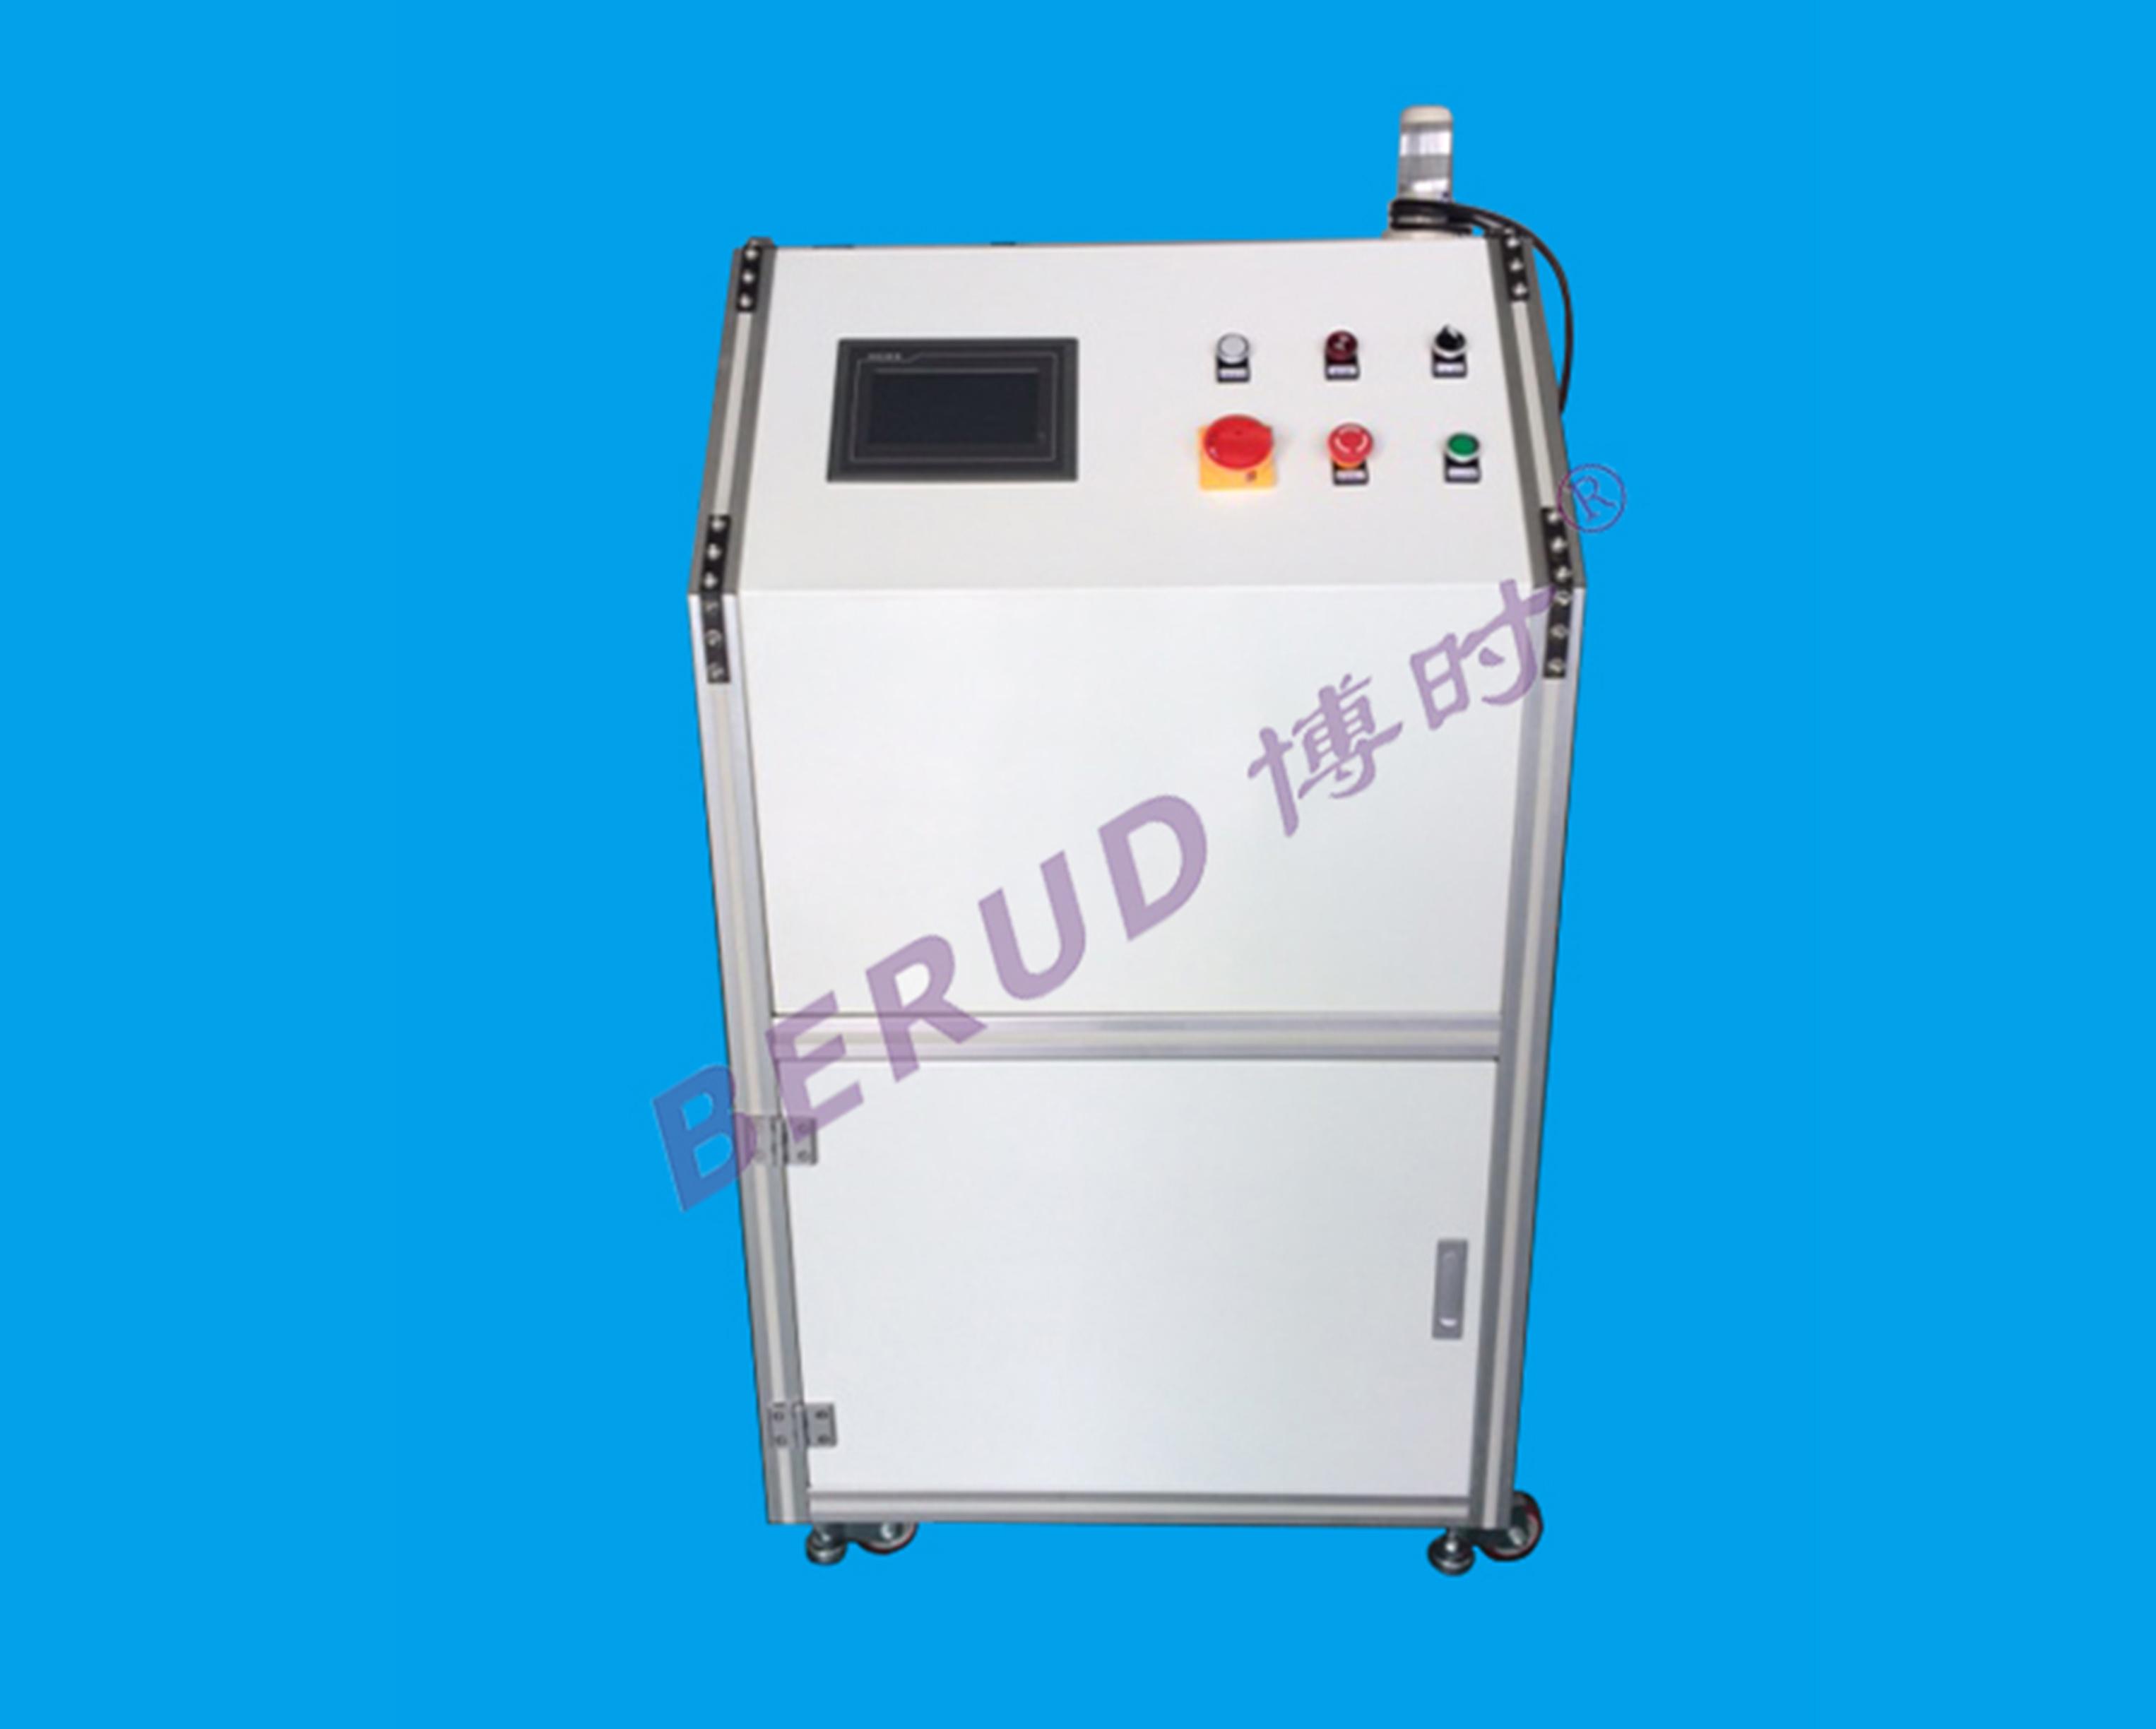 灌胶机 所属分类 :  双液灌胶设备 产品编号: yx932304362